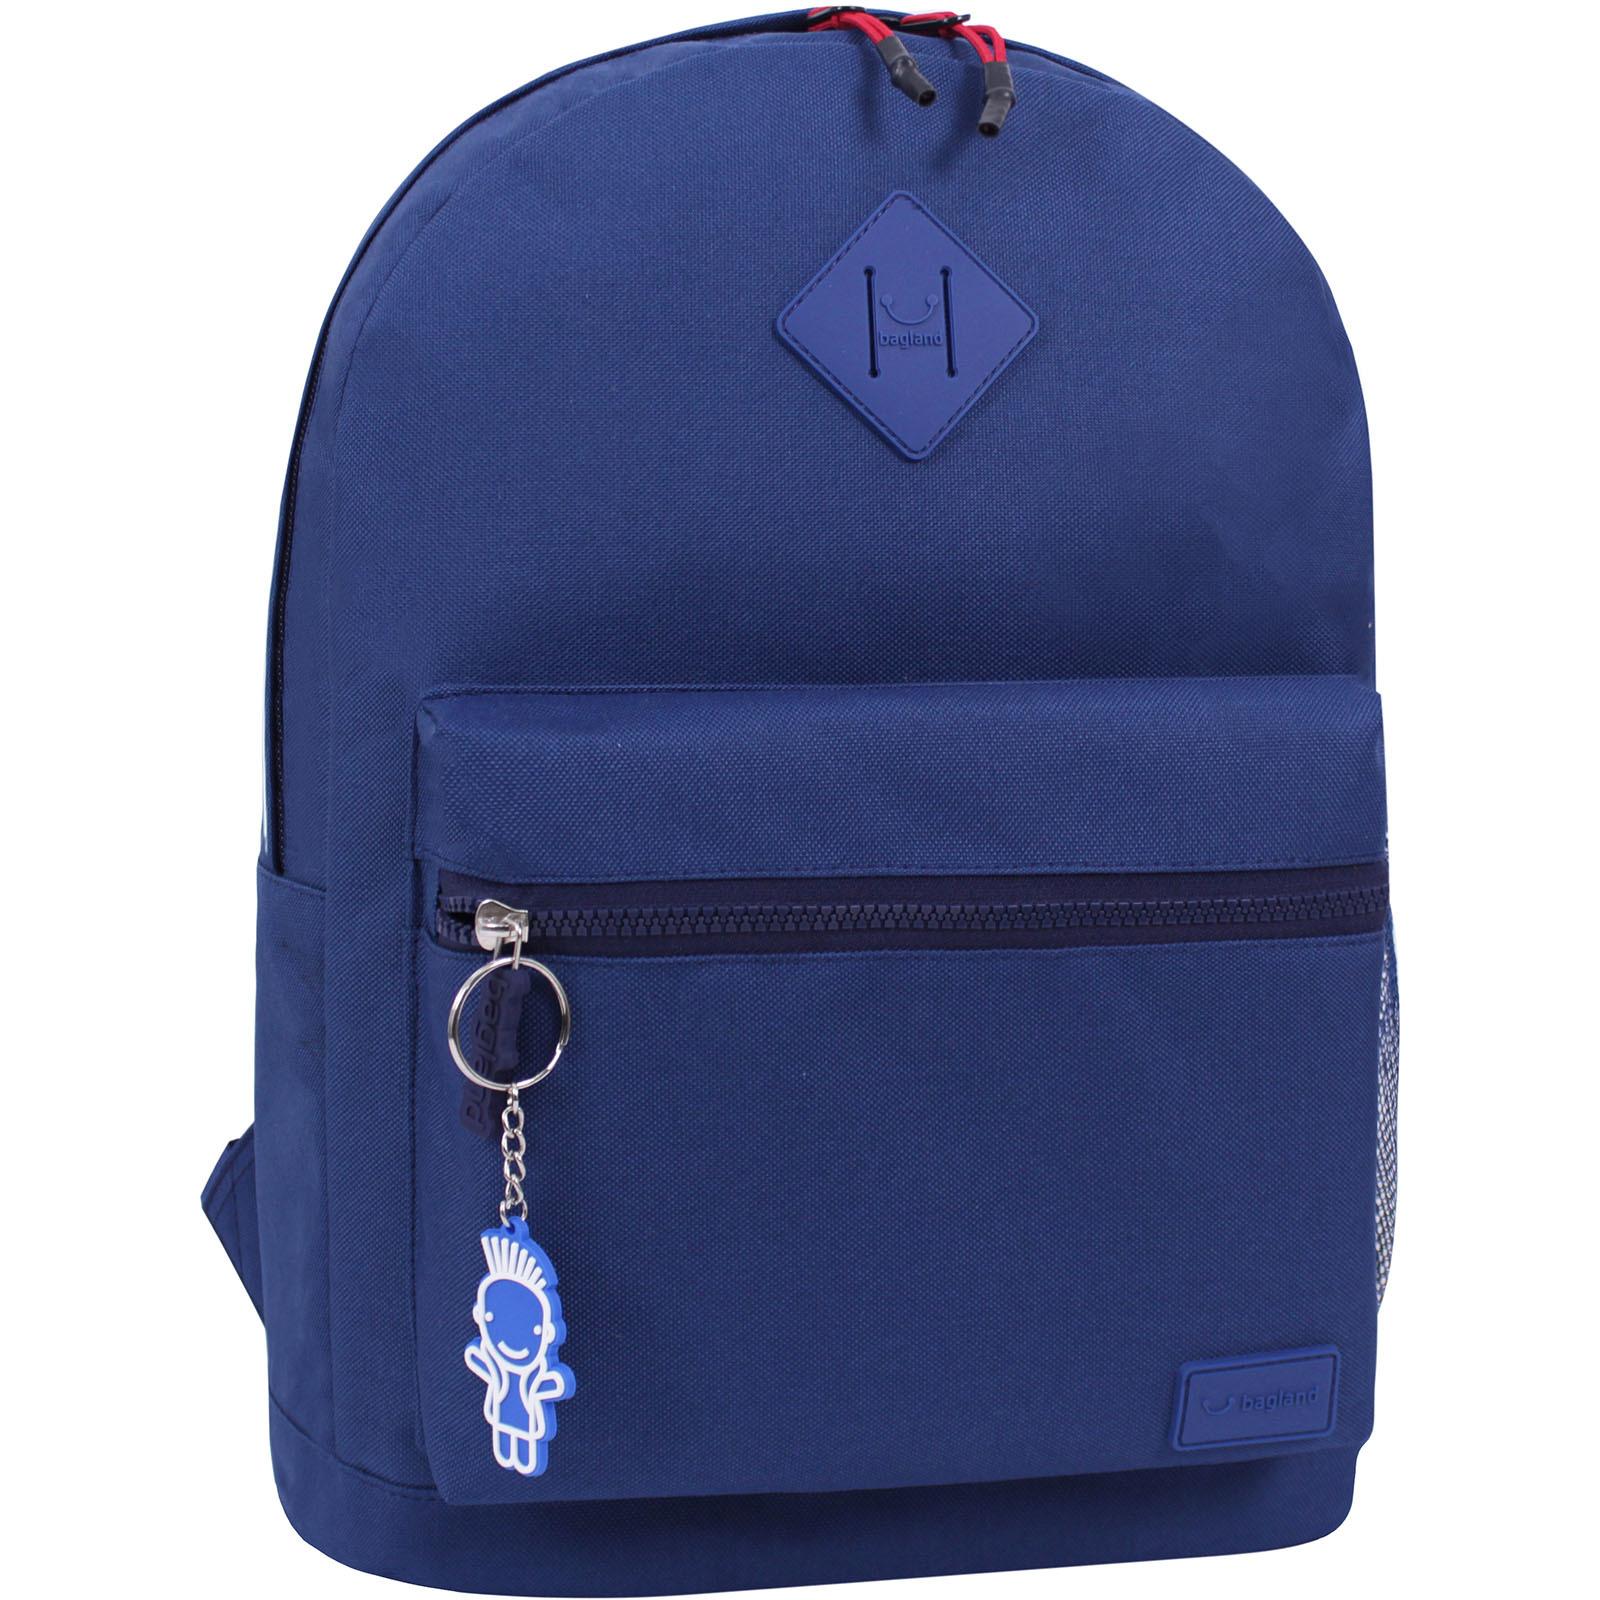 Рюкзак Bagland Hood W/R 17 л. синий 453 (0054466) фото 1